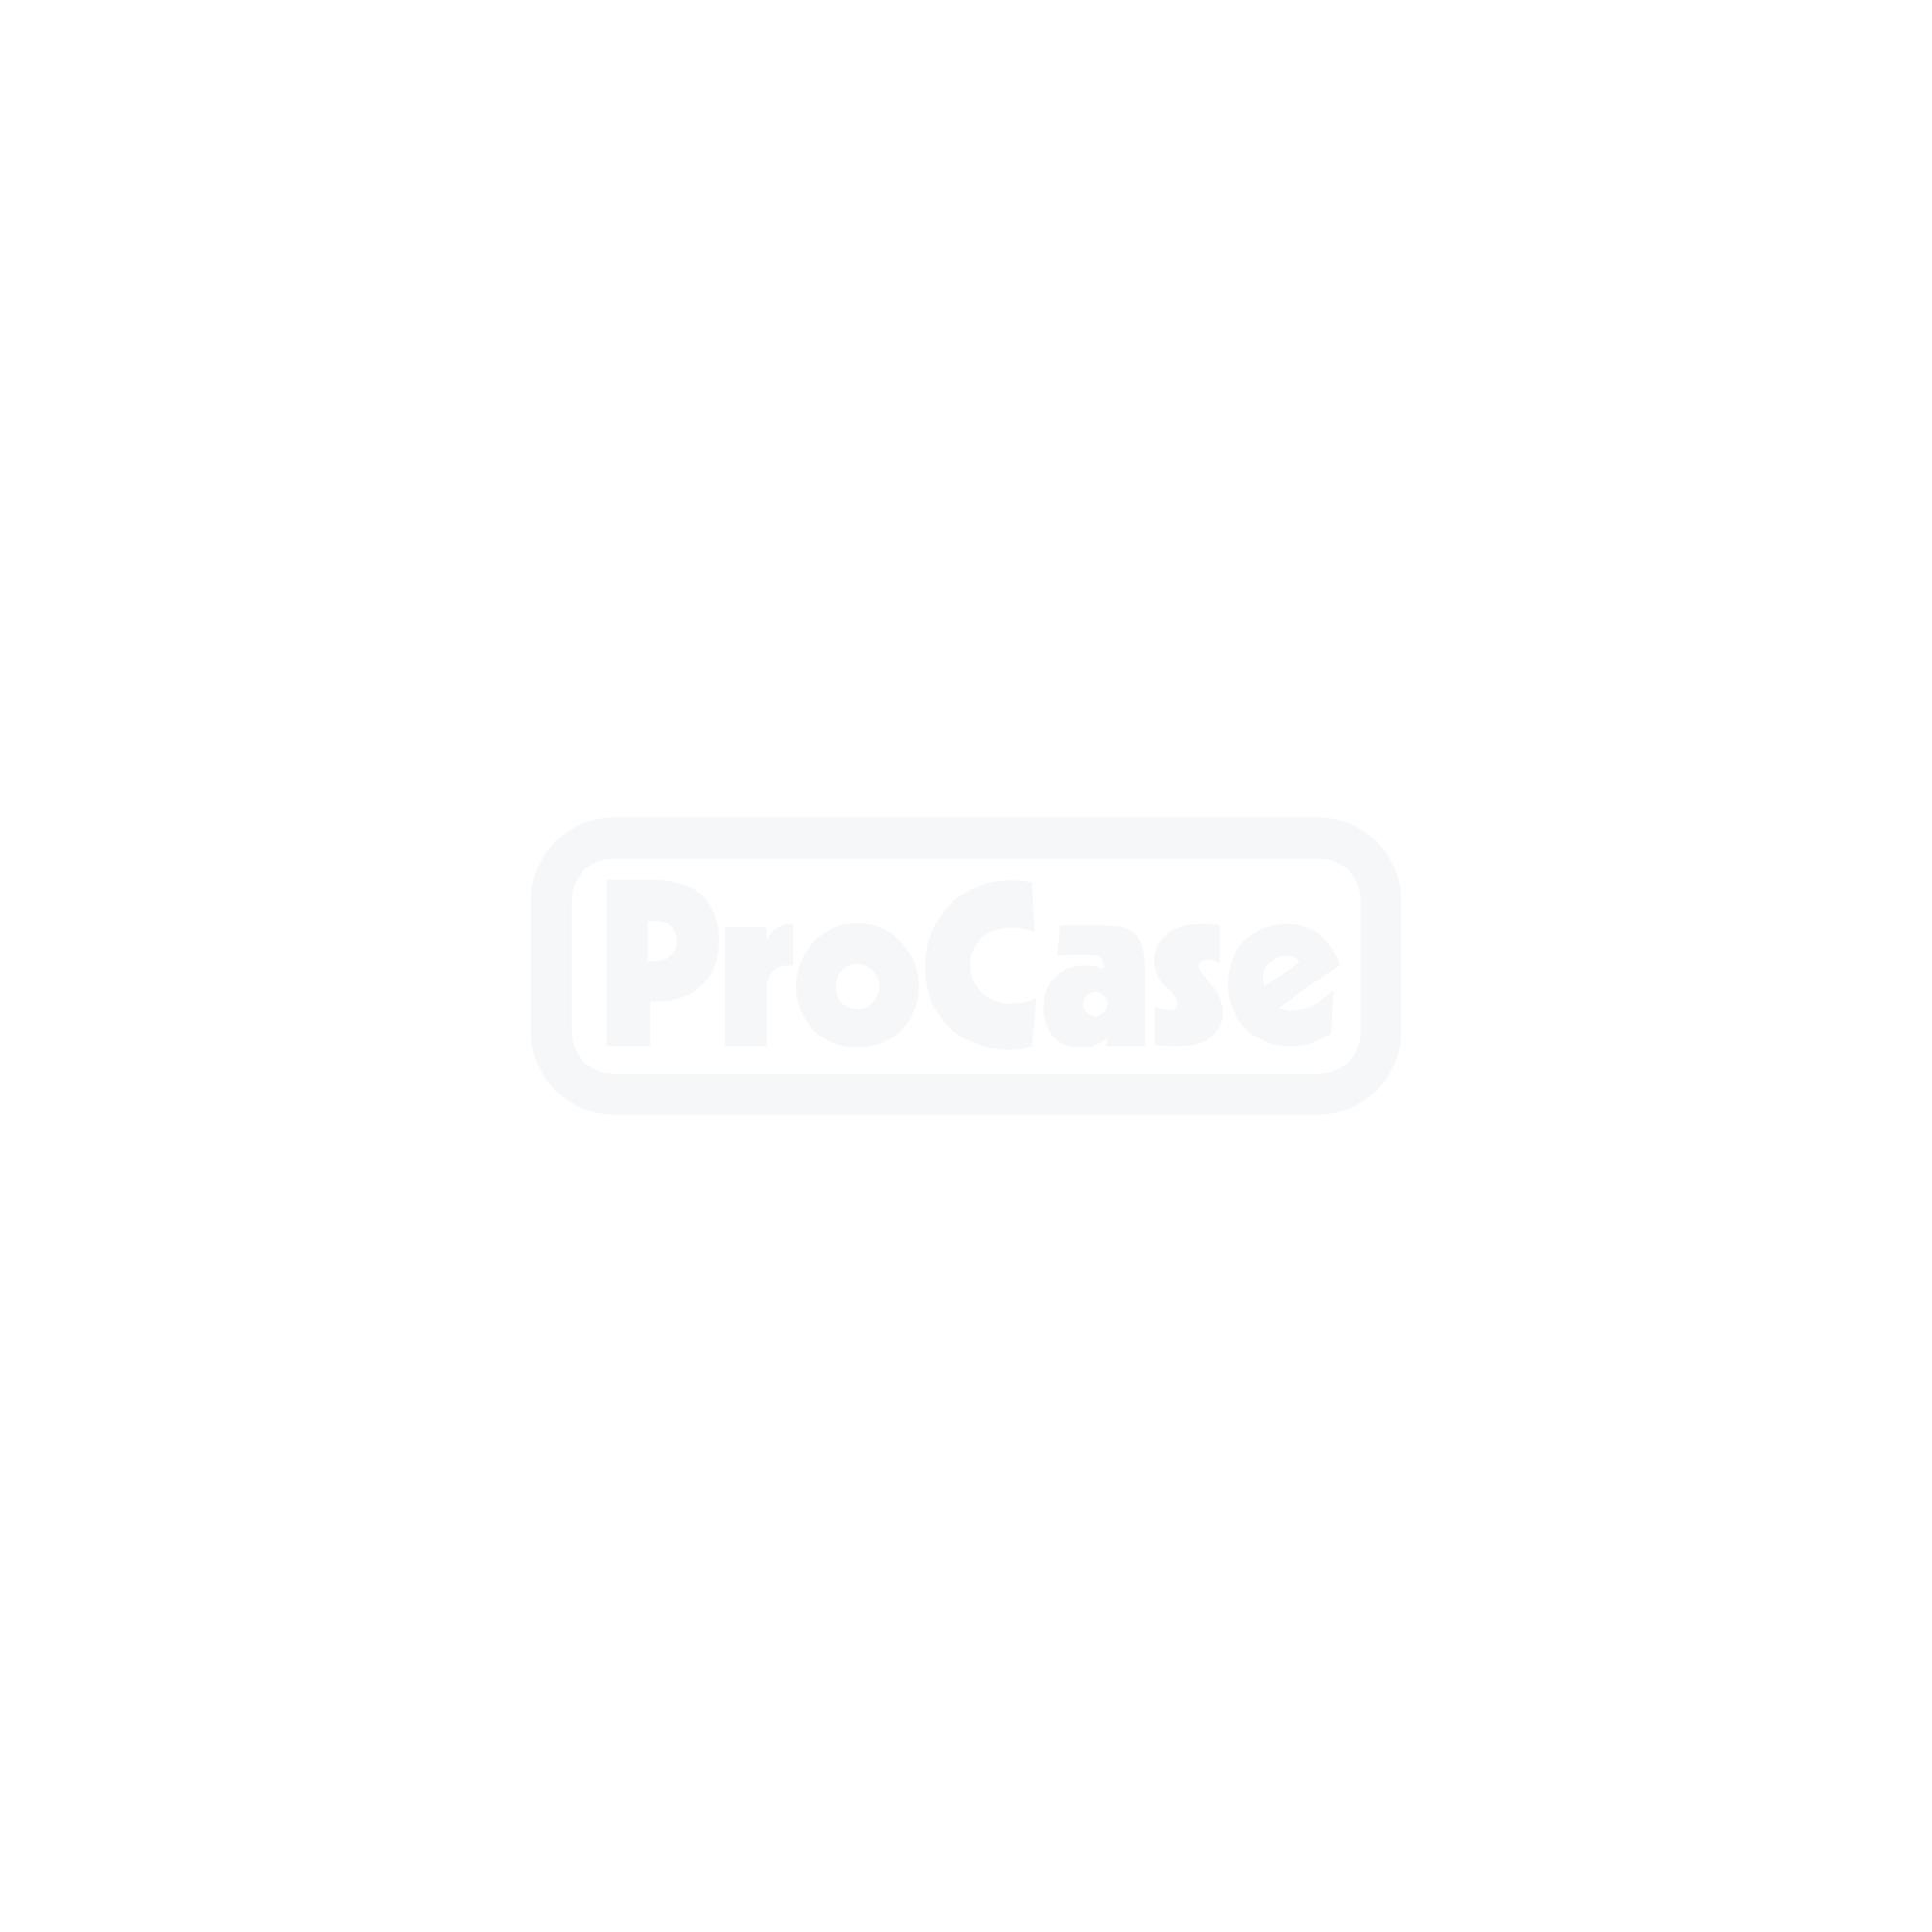 Flightcase für LG 47LD450 mit Wandhalterung